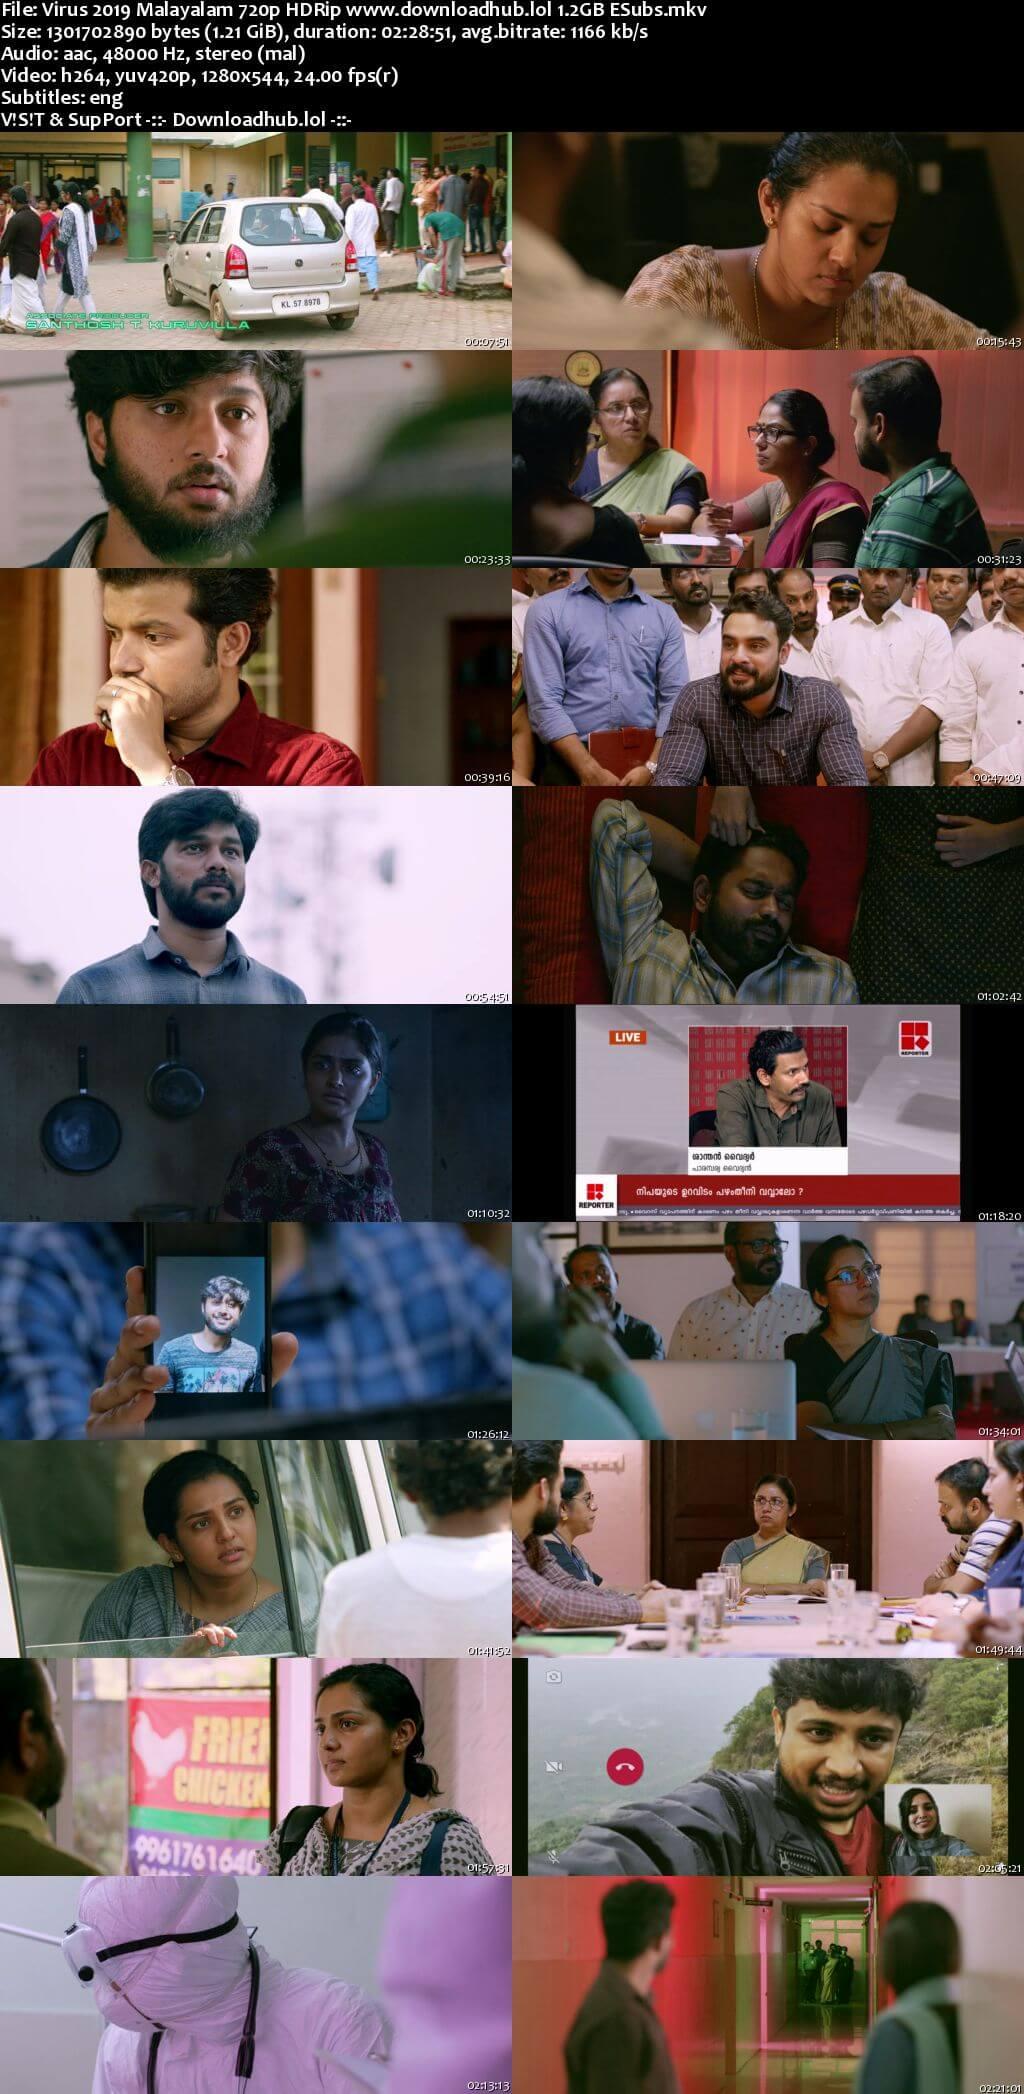 Virus 2019 Malayalam Movie 720p HDRip ESubs Download